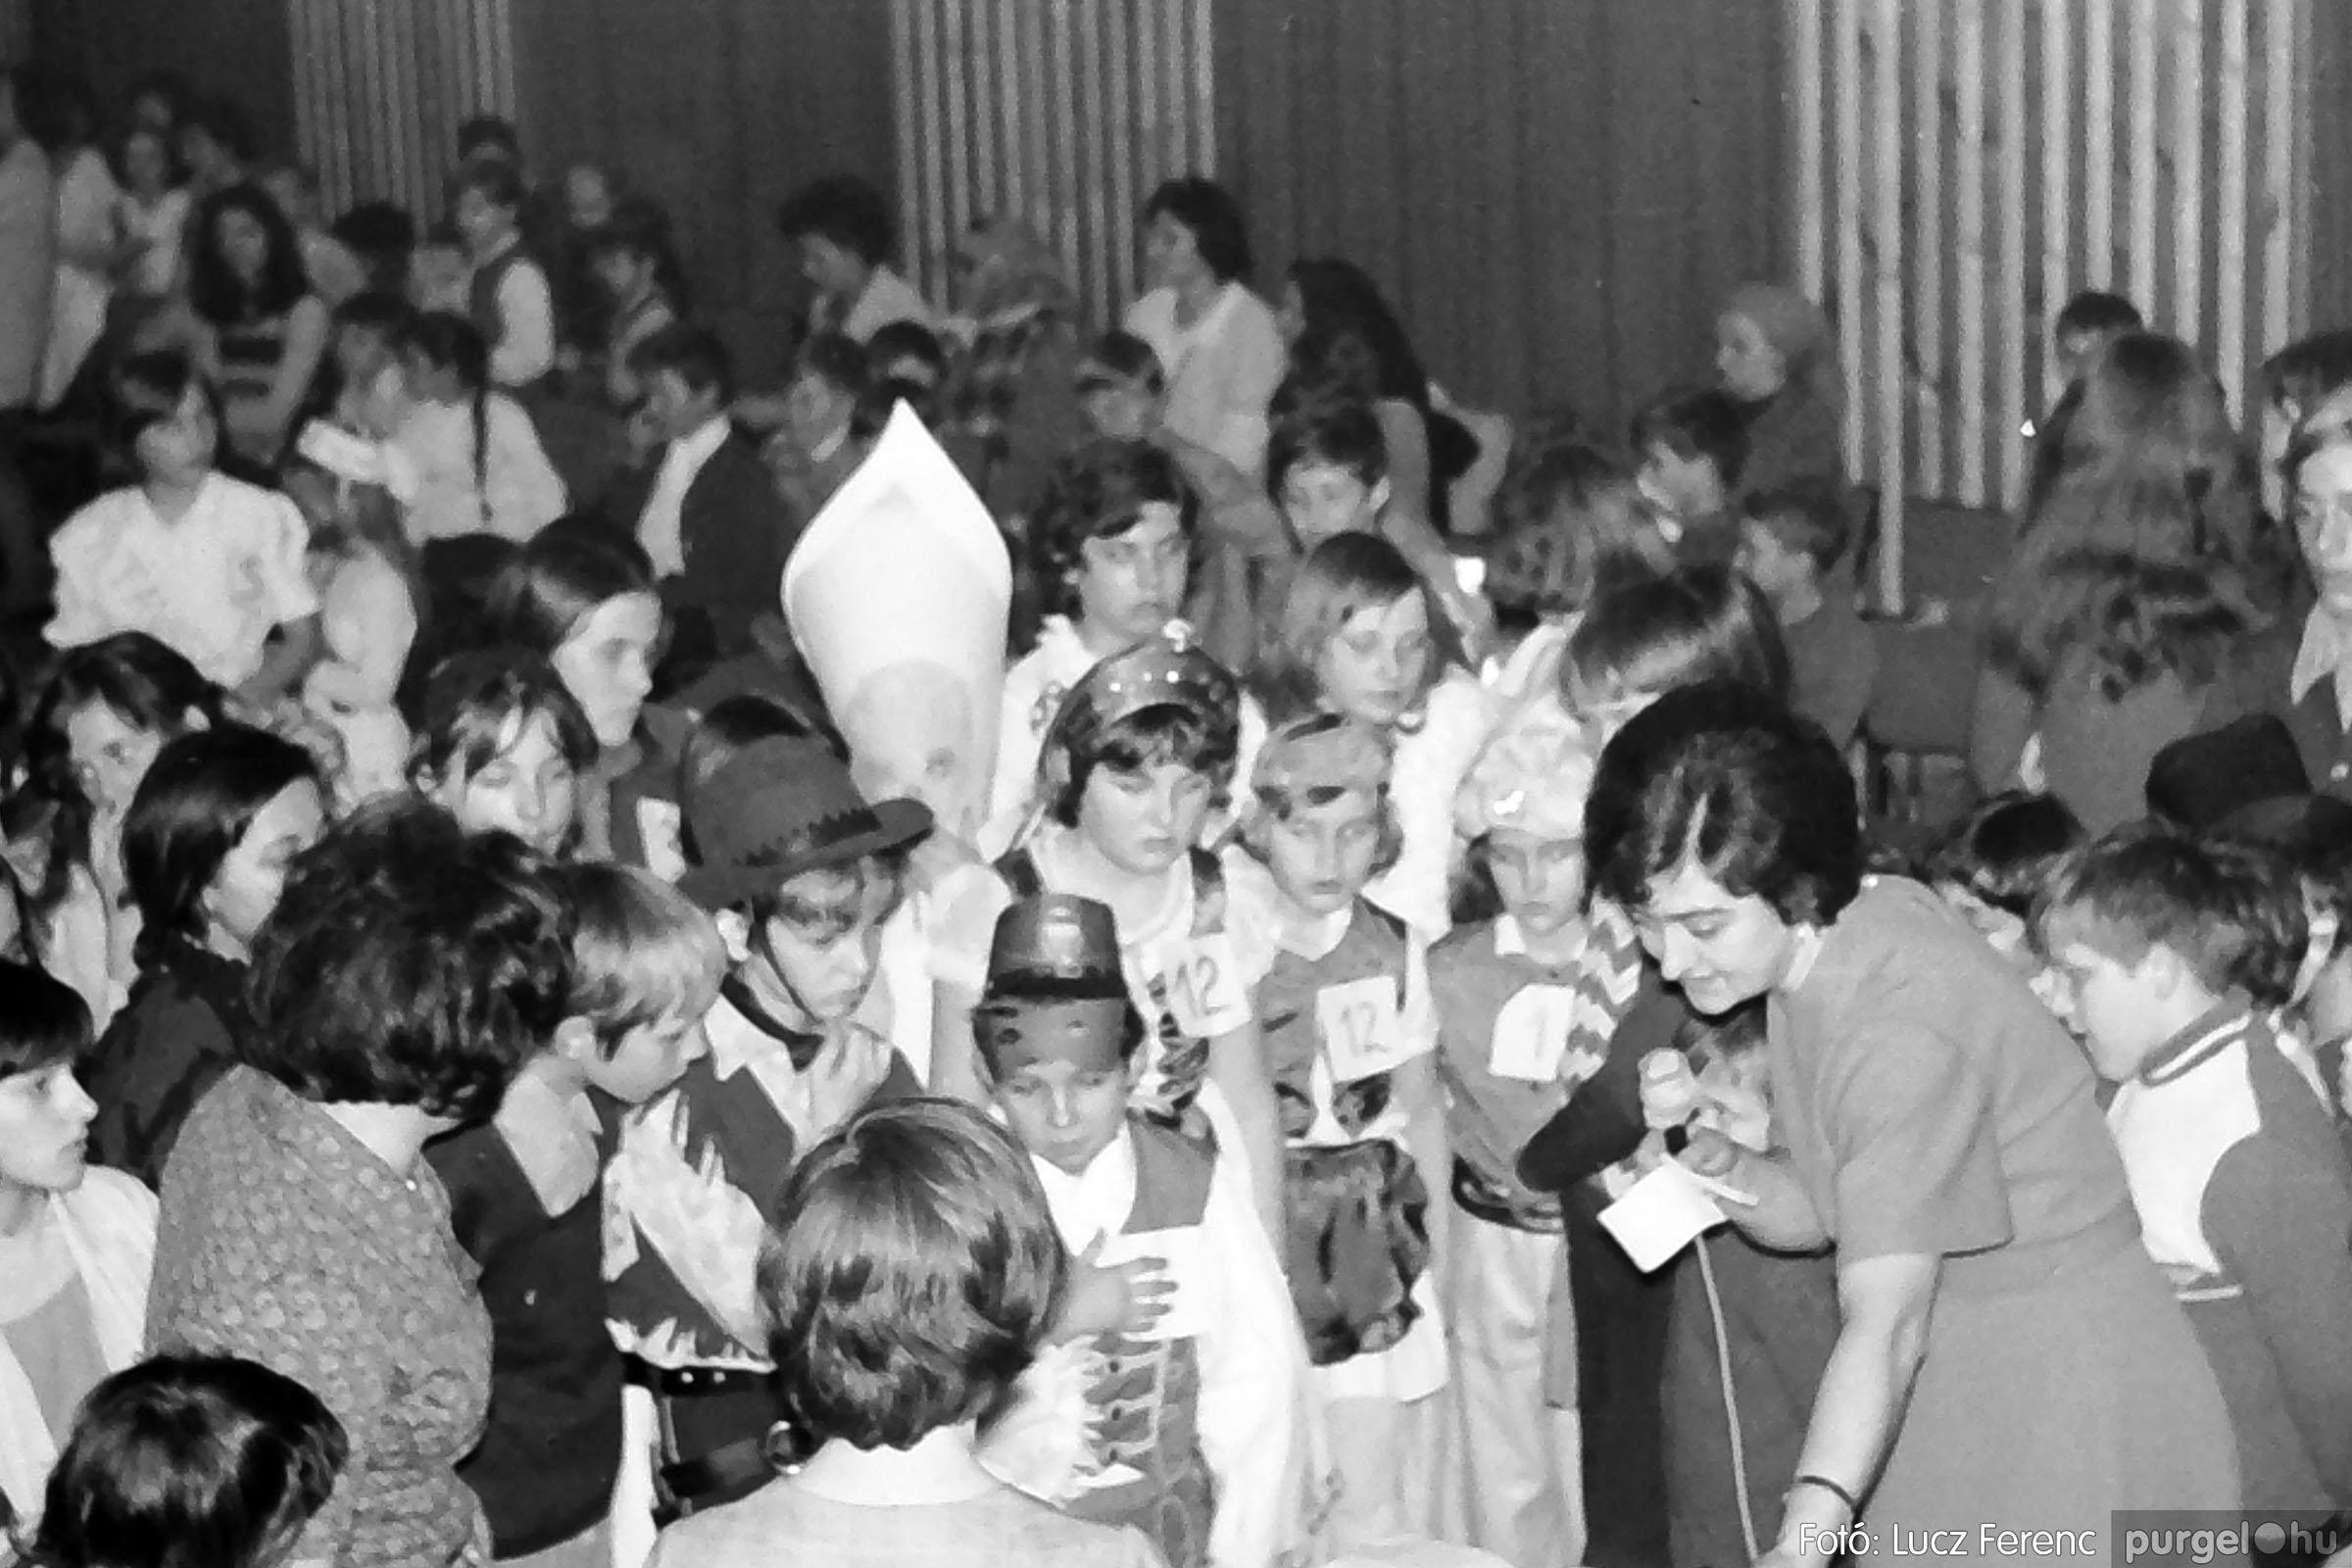 035. 1976. Iskolai farsang a kultúrházban 025 - Fotó: Lucz Ferenc.jpg